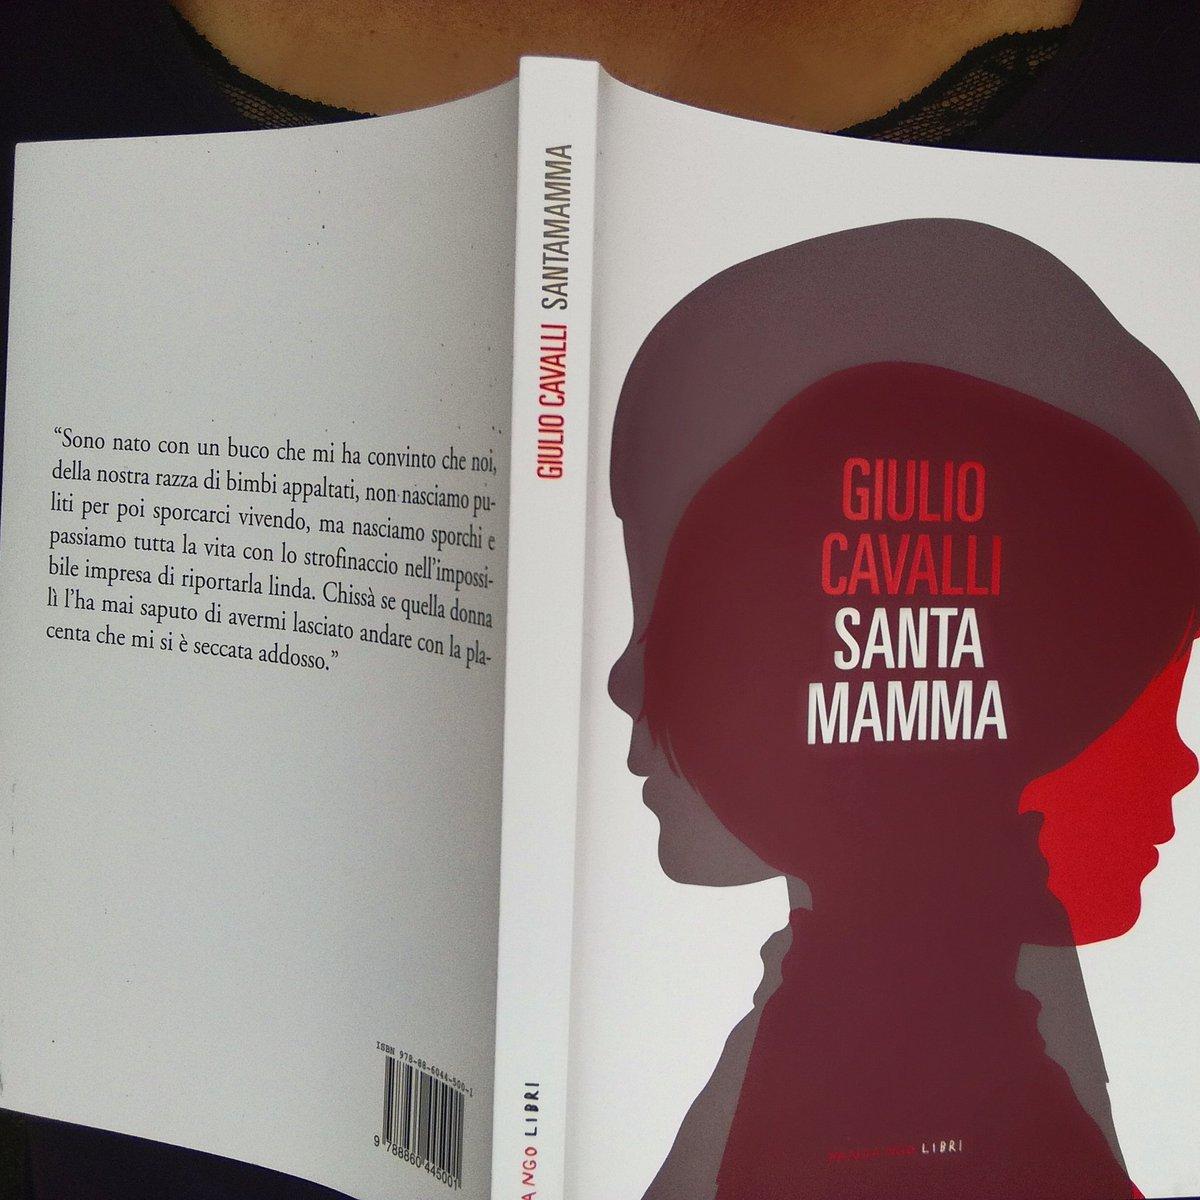 Giulio Cavalli, Santa Mamma [recensione]